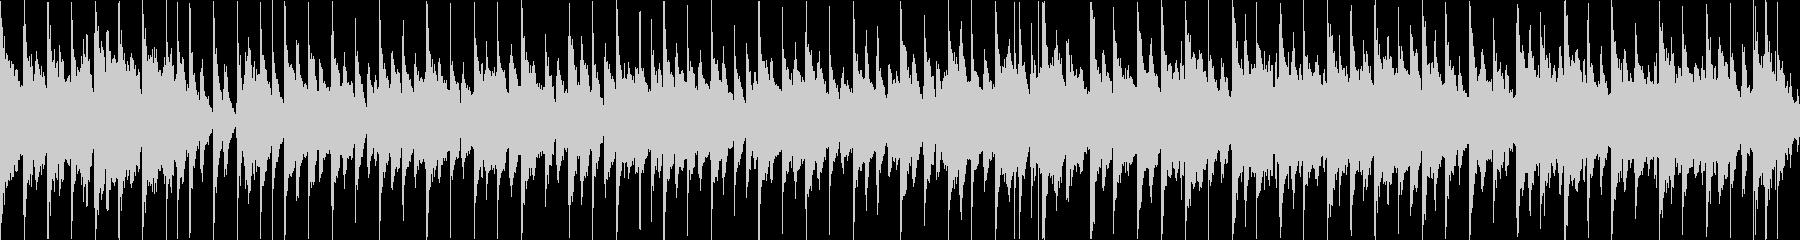 楽しいジングルベル(ループ)の未再生の波形